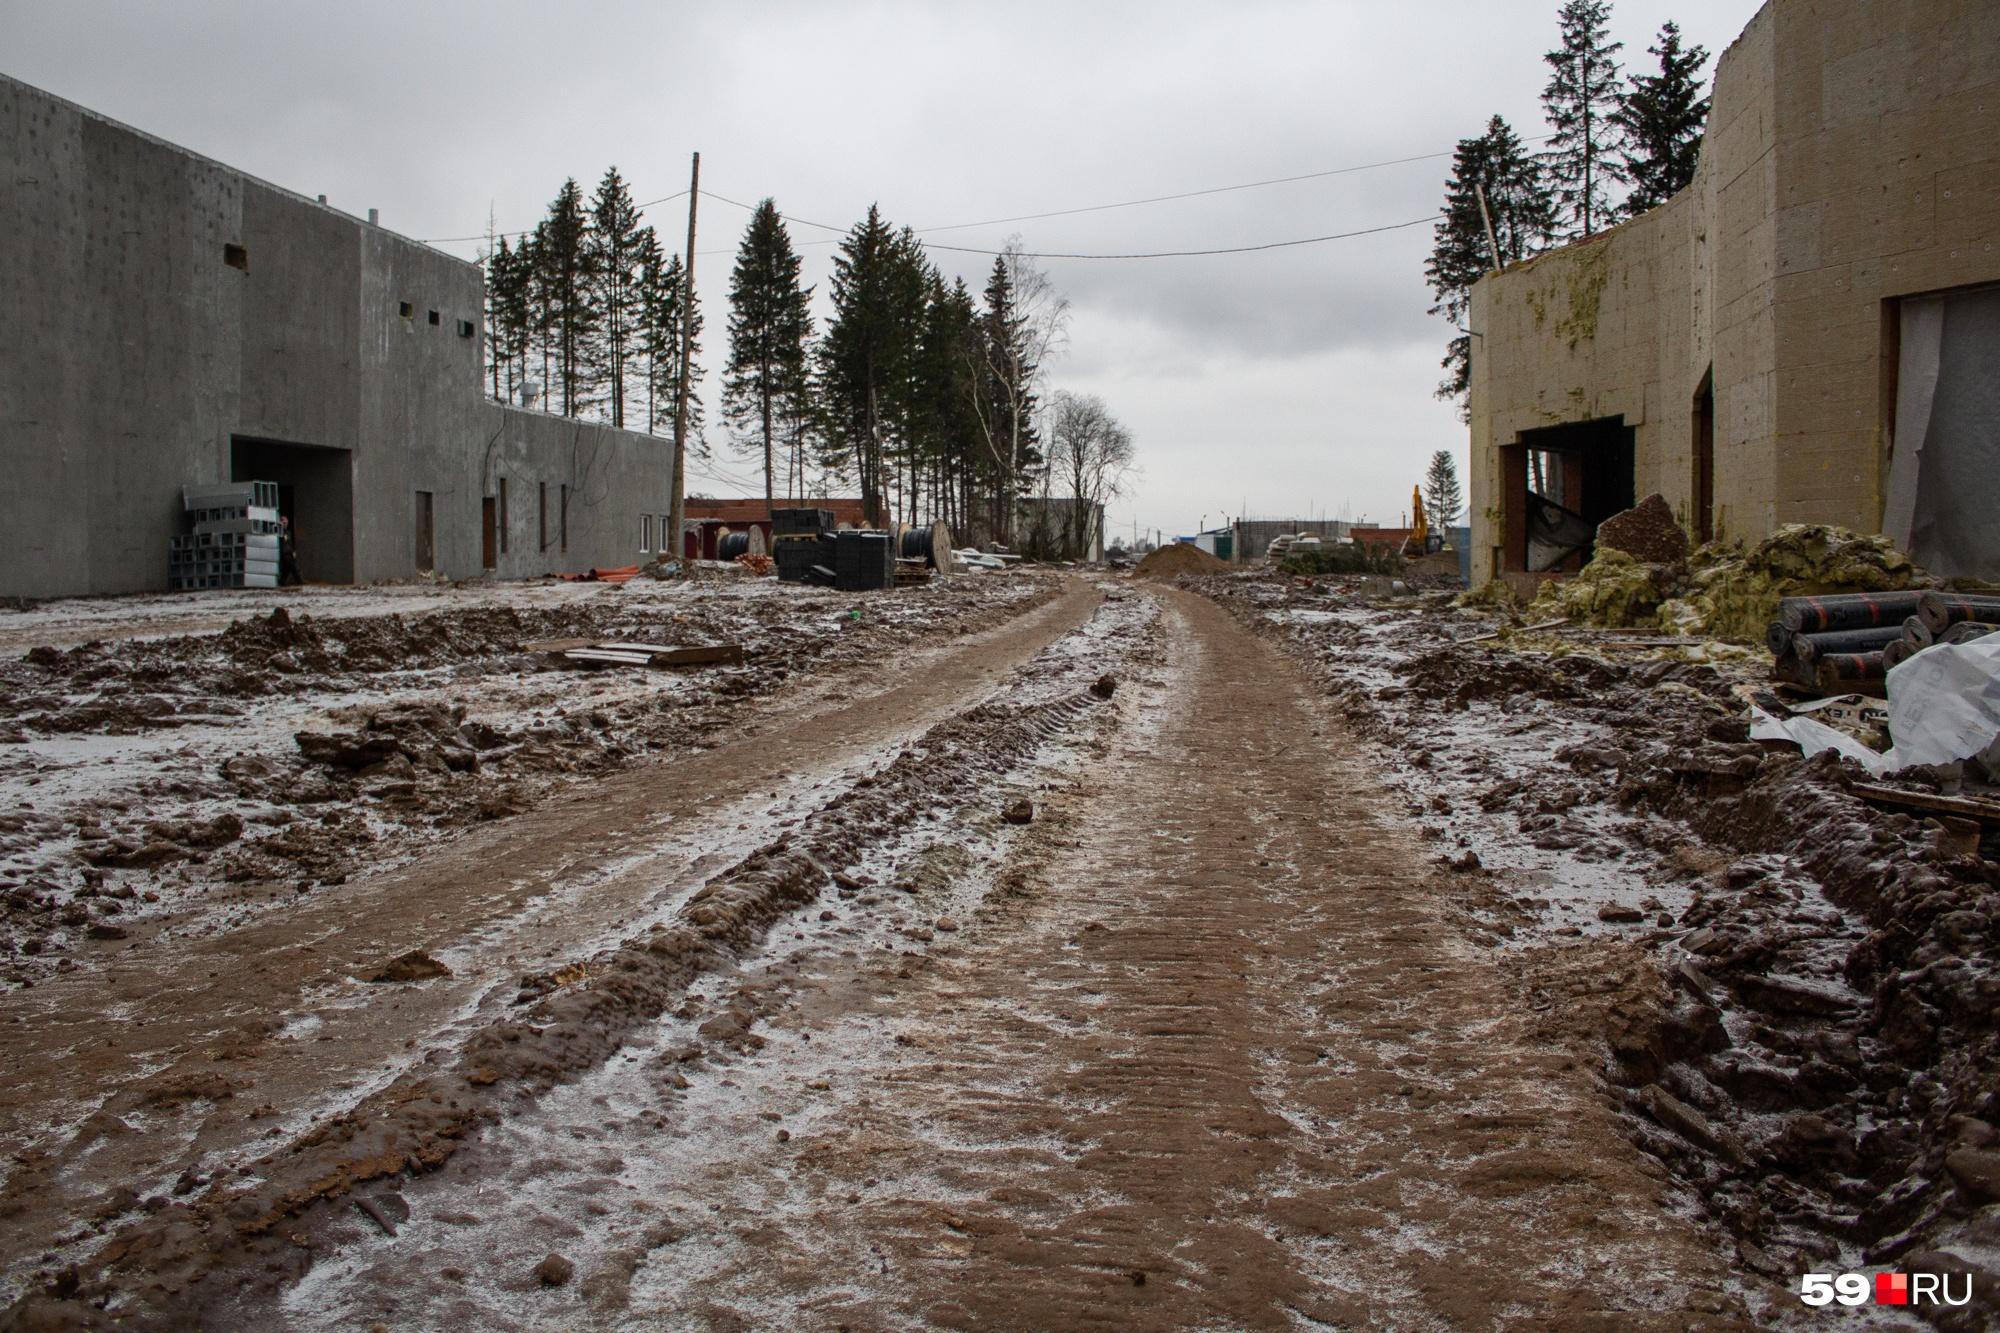 Здесь, поближе ко входу/выходу, и грязи меньше, и дороги получше, и стены внушительнее